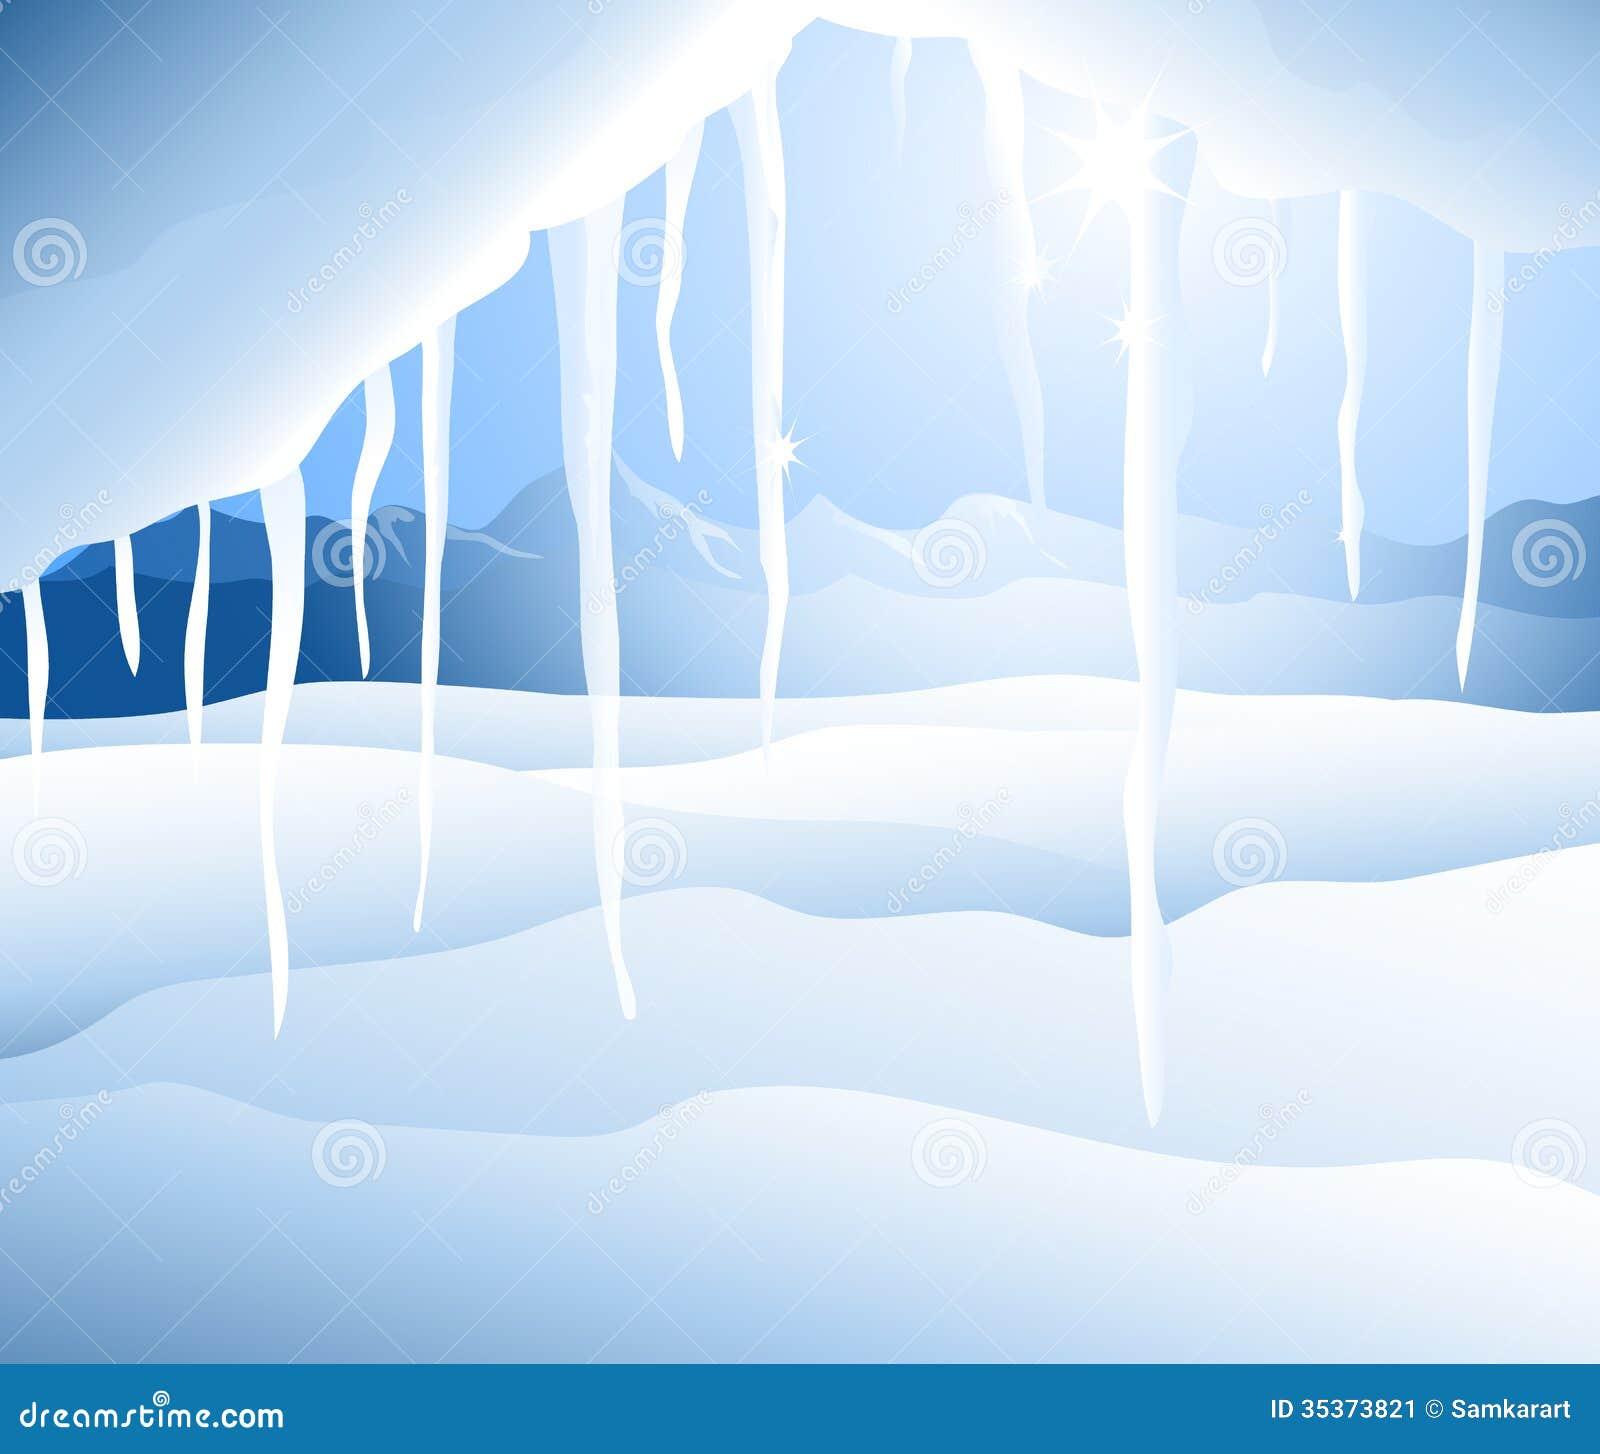 冬天风景(冰柱) -